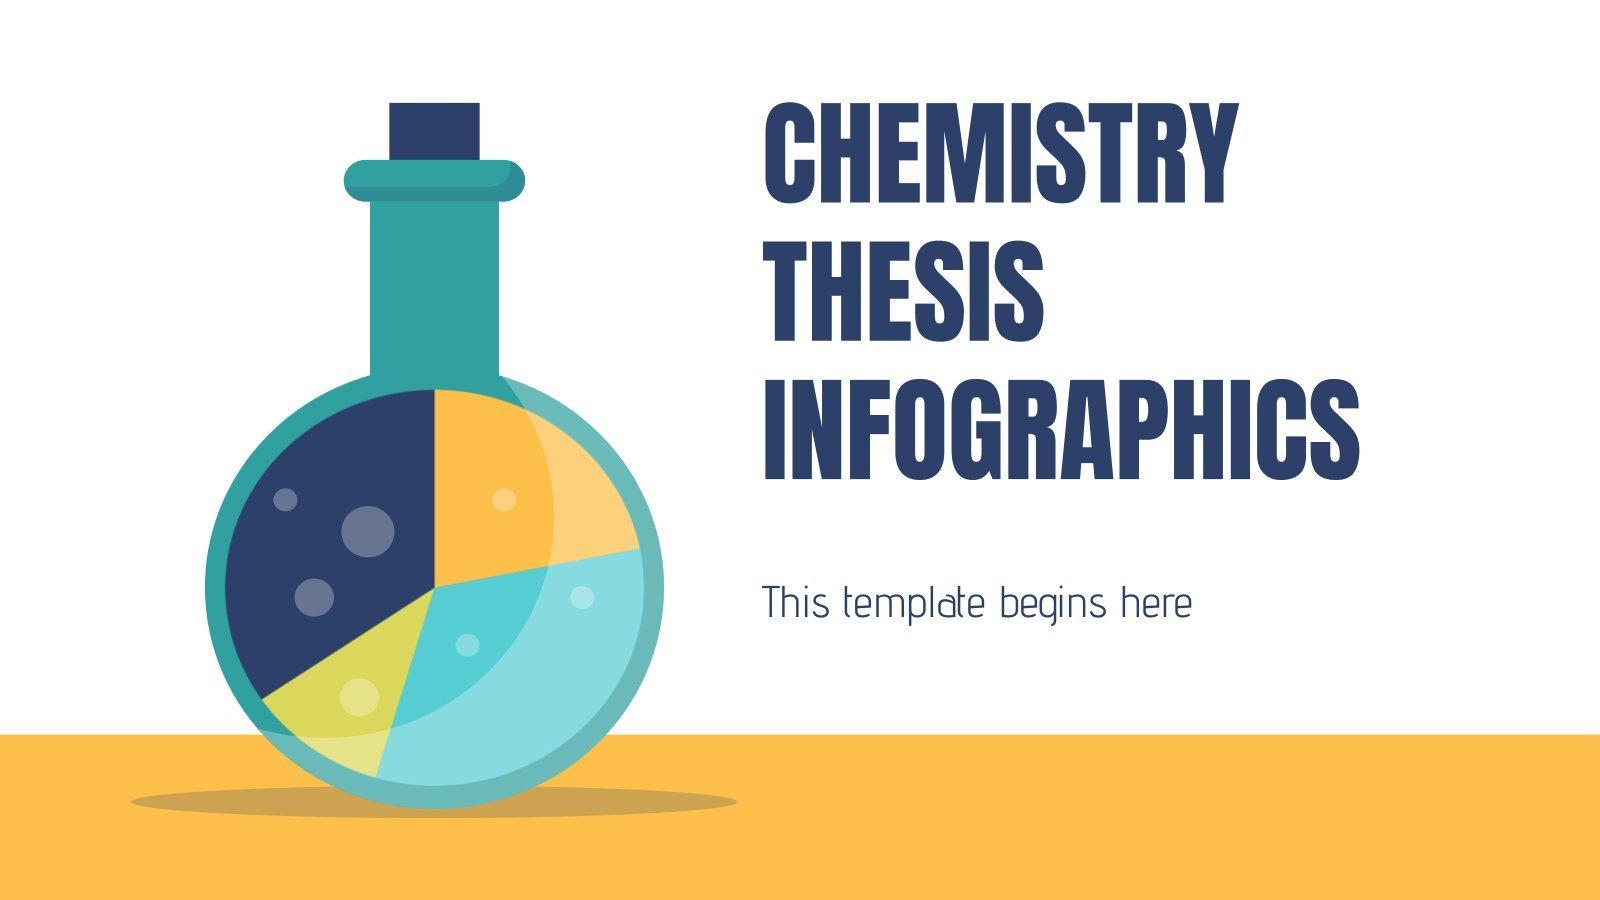 Infographies mémoire de chimie : Modèles de présentation